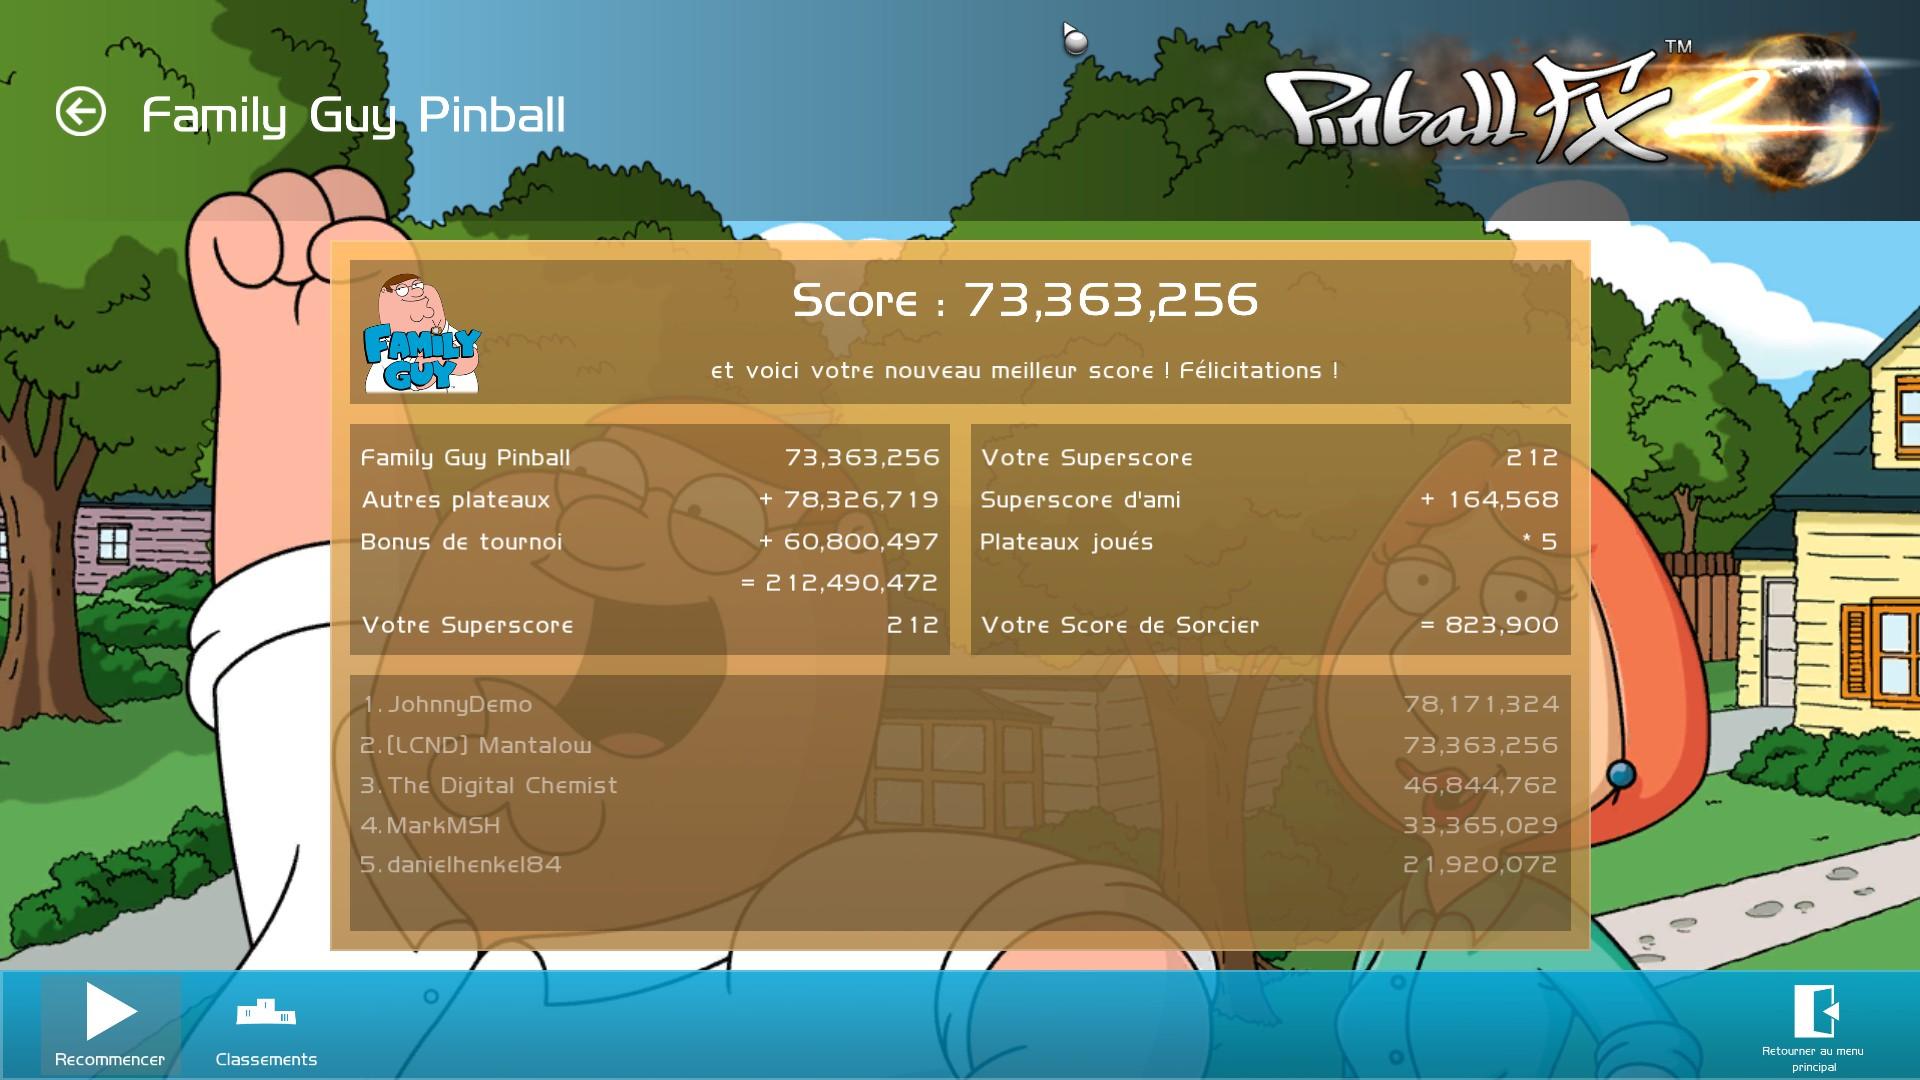 Mantalow: Pinball FX 2: Family Guy (PC) 73,363,256 points on 2015-10-22 17:28:04